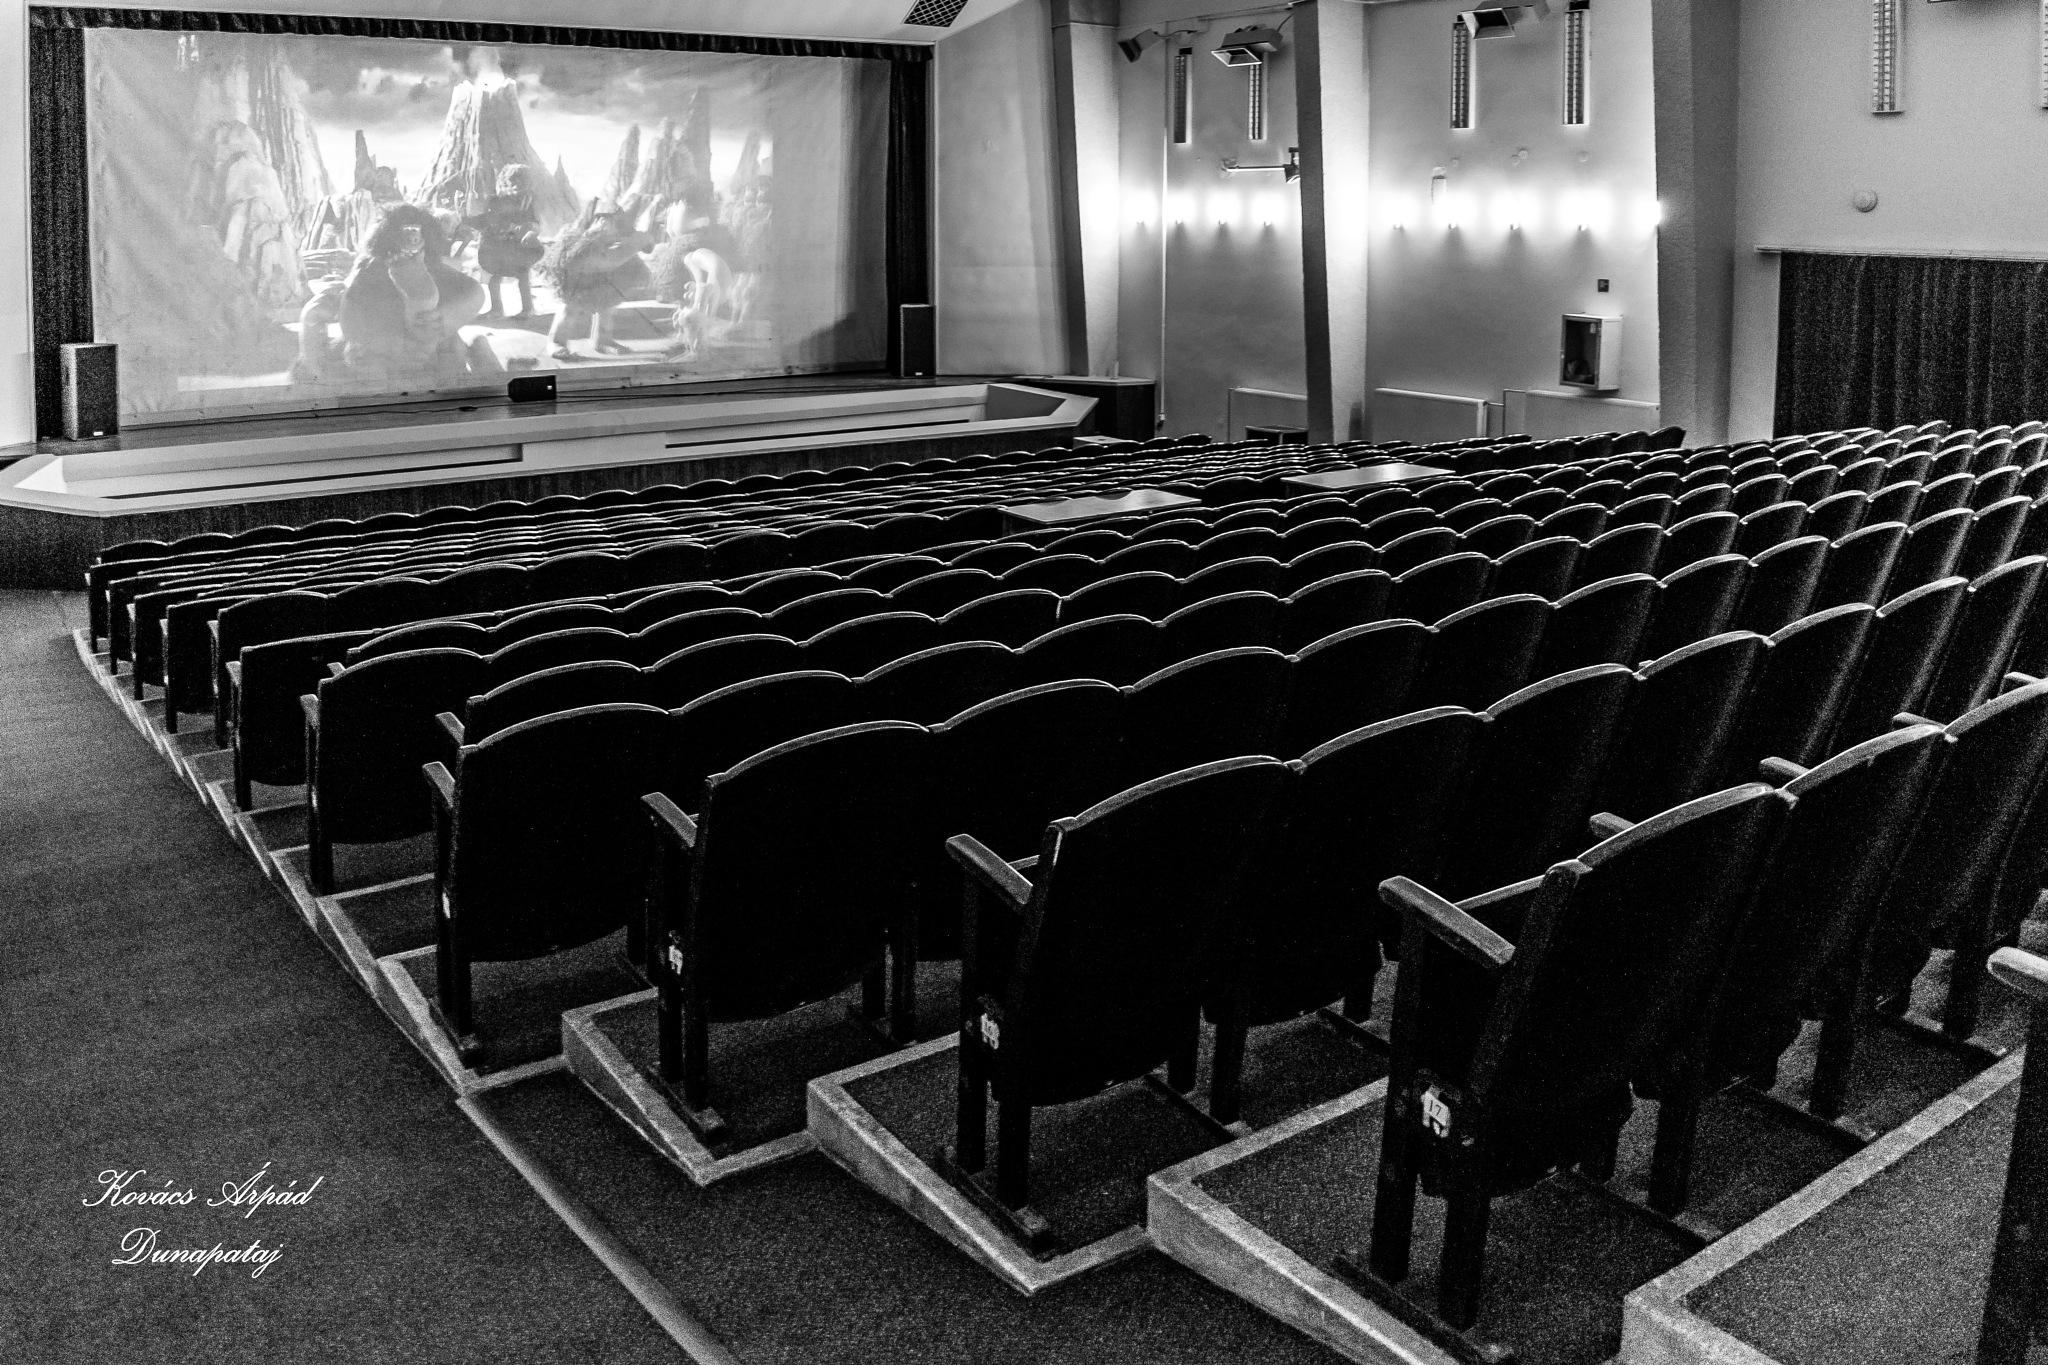 lonely cinema by Kovács Árpád